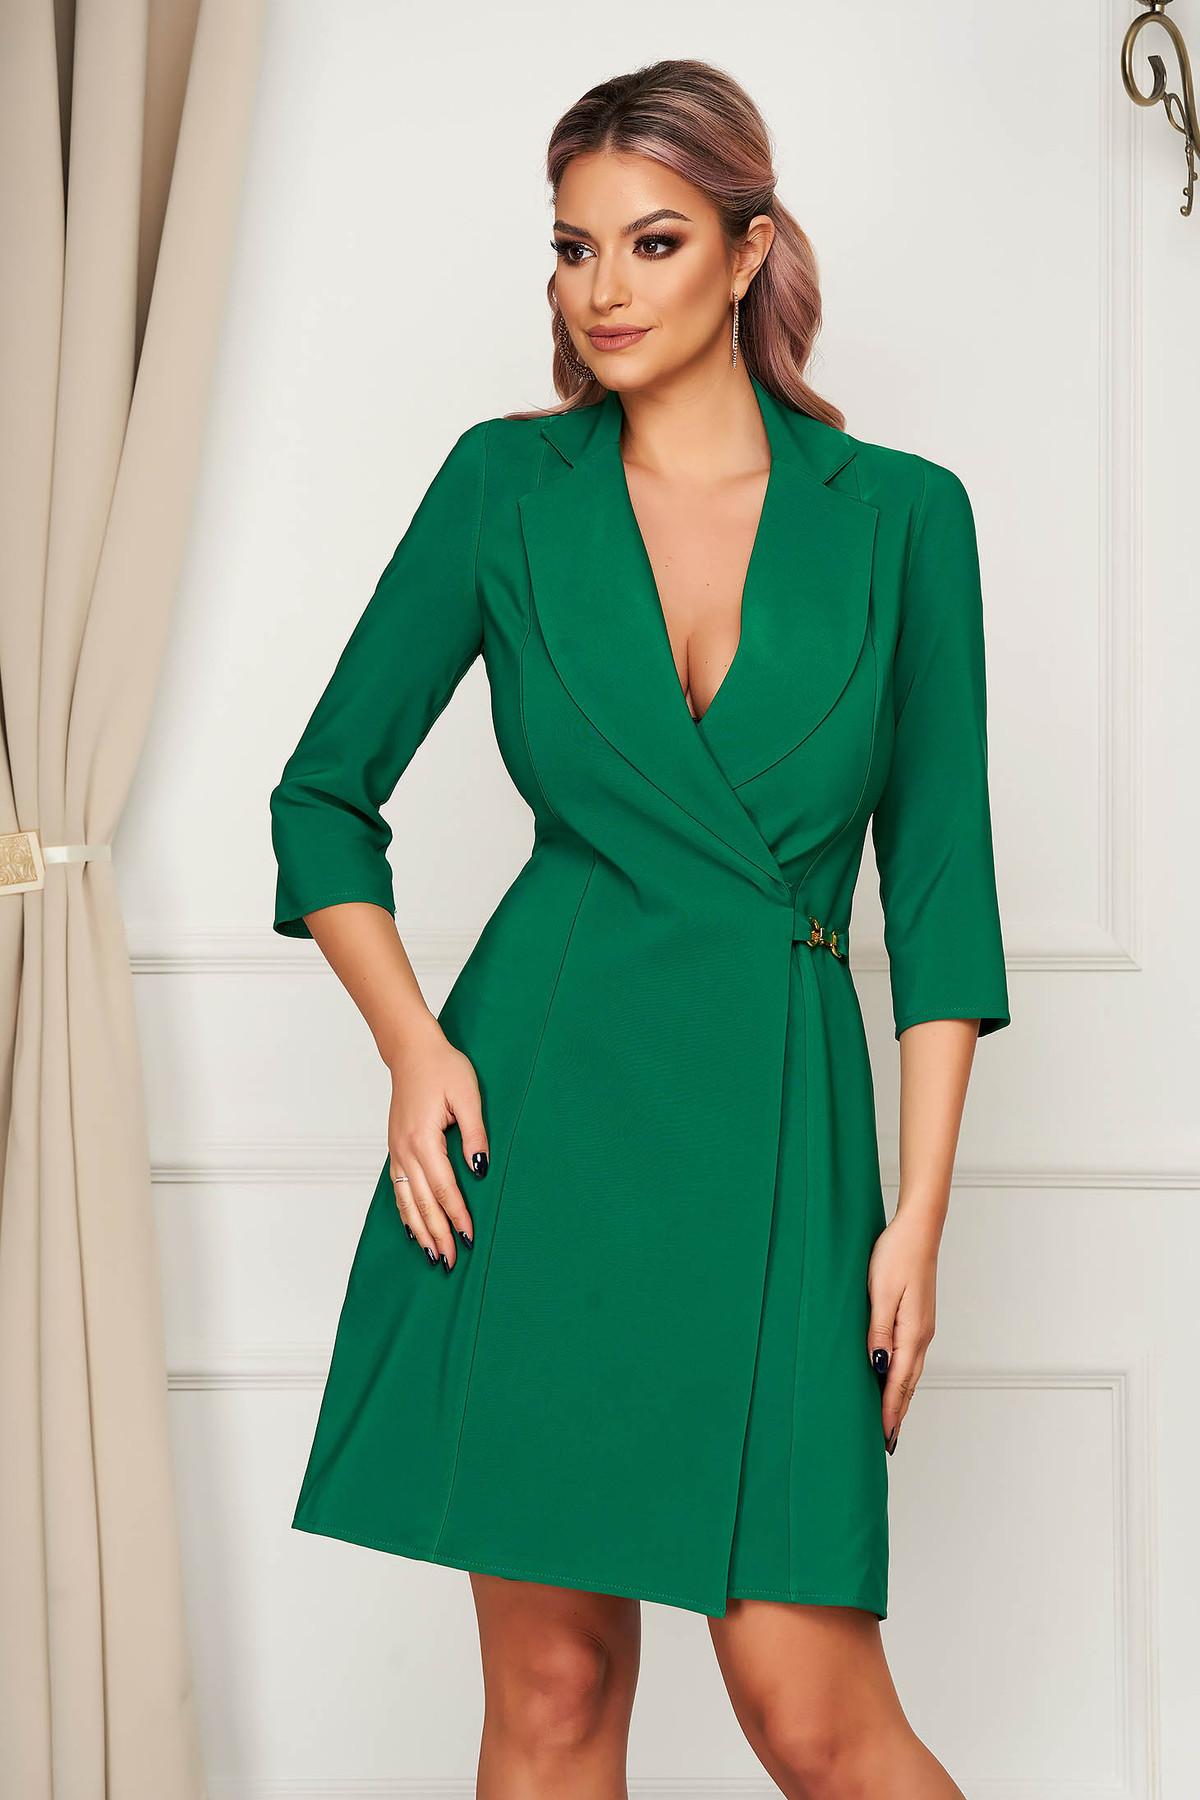 Rochie Artista verde cu croi in a eleganta scurta petrecuta din stofa material subtire Artista